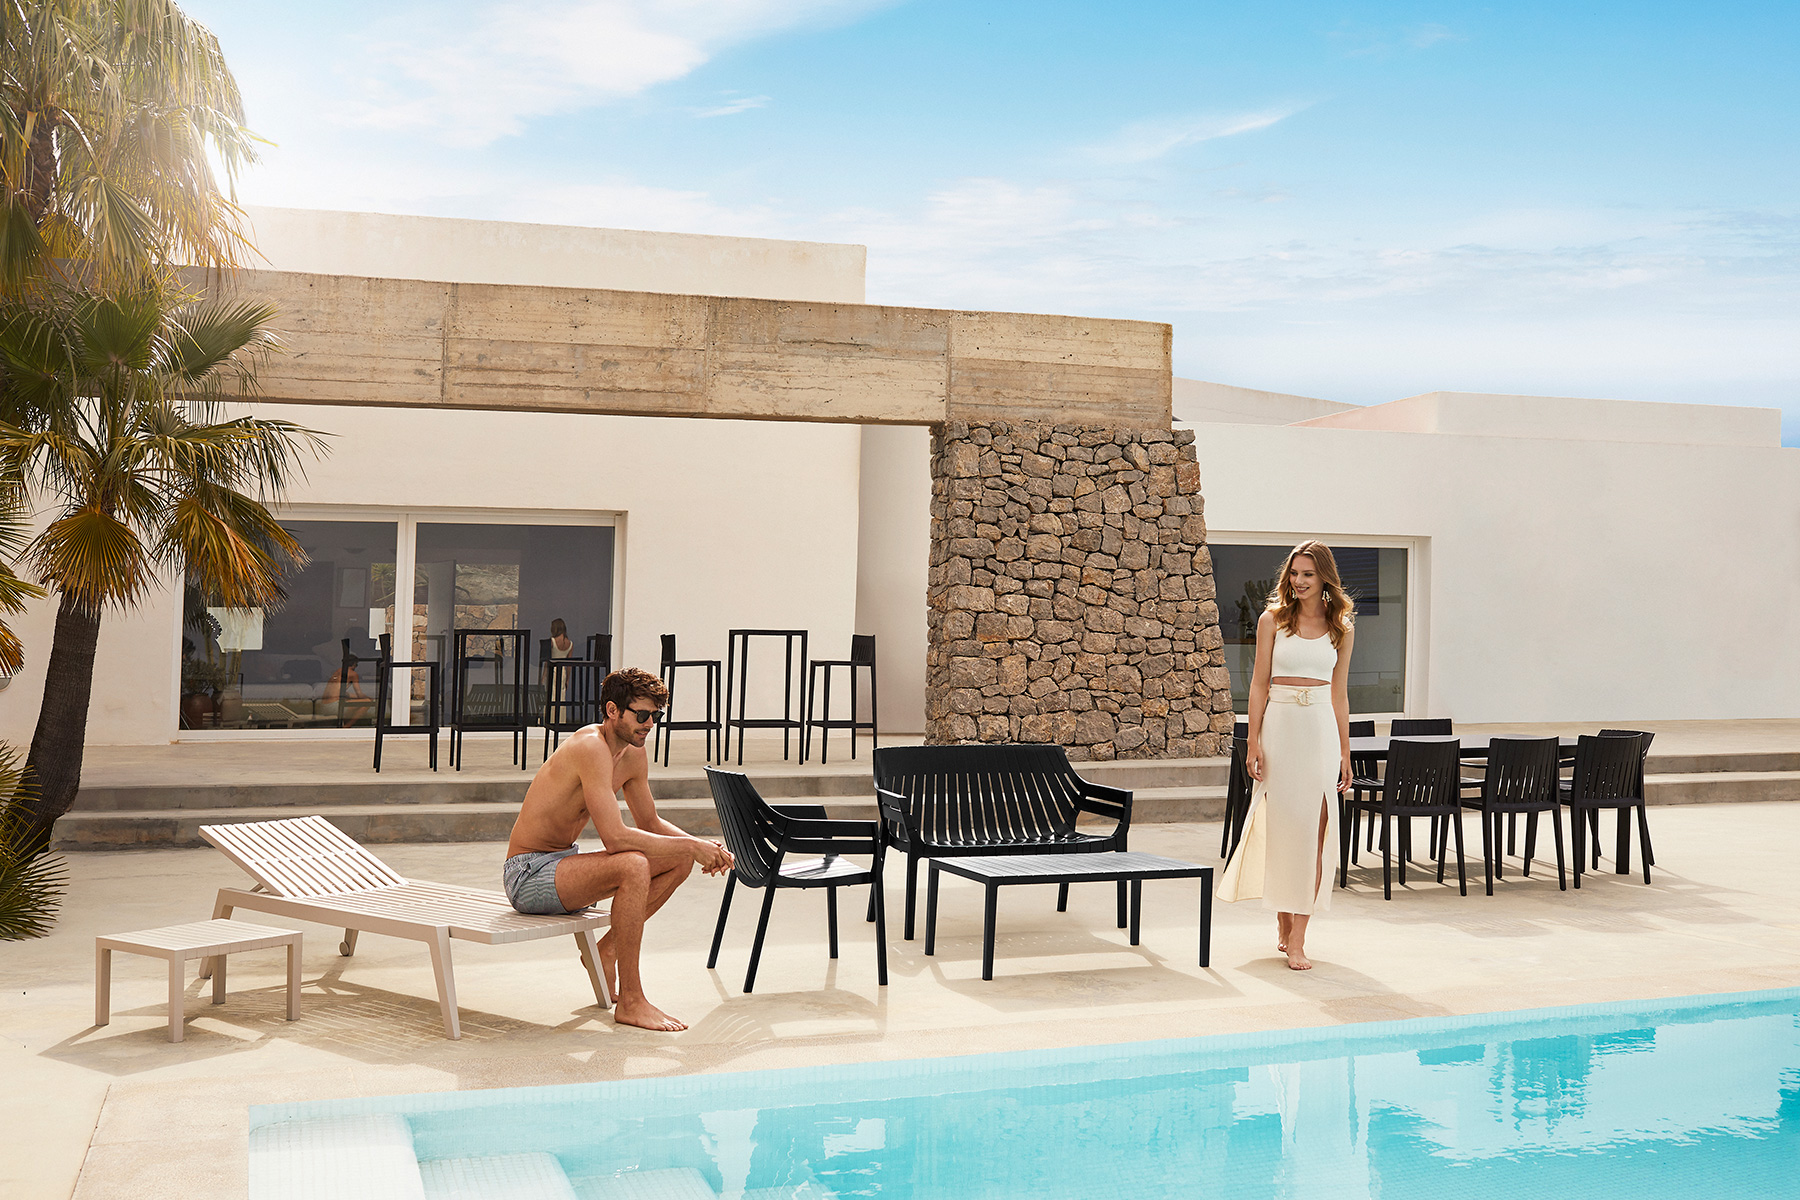 muebles-contract-diseño-mobiliario-hore